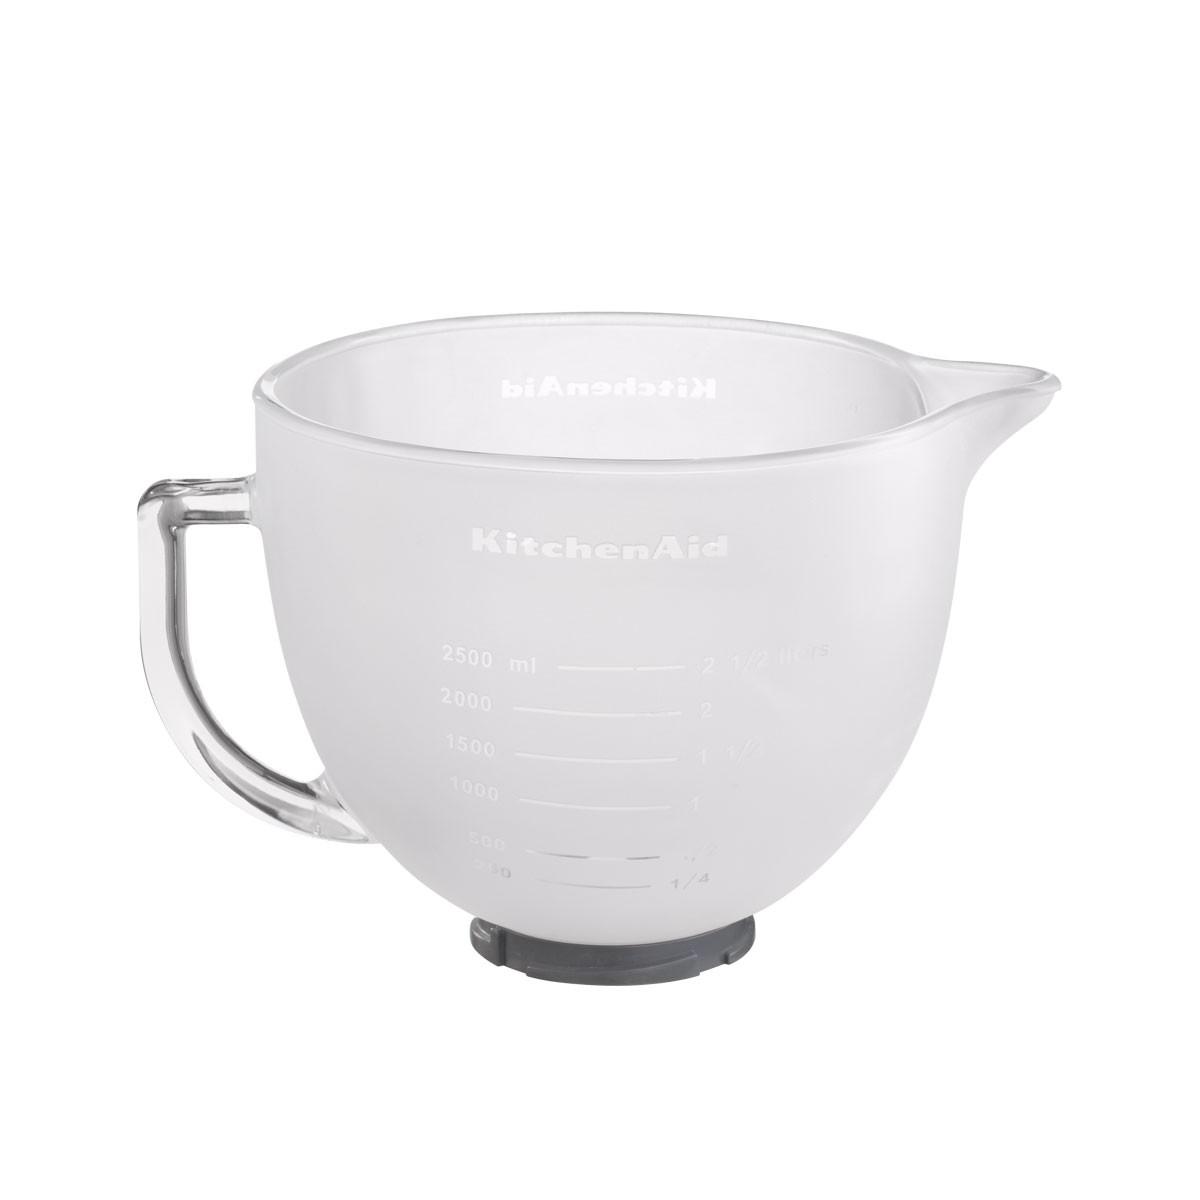 KitchenAid Milch Glas Schüssel 4,83 ltr. 5K5FGB Milch-Glasschüssel